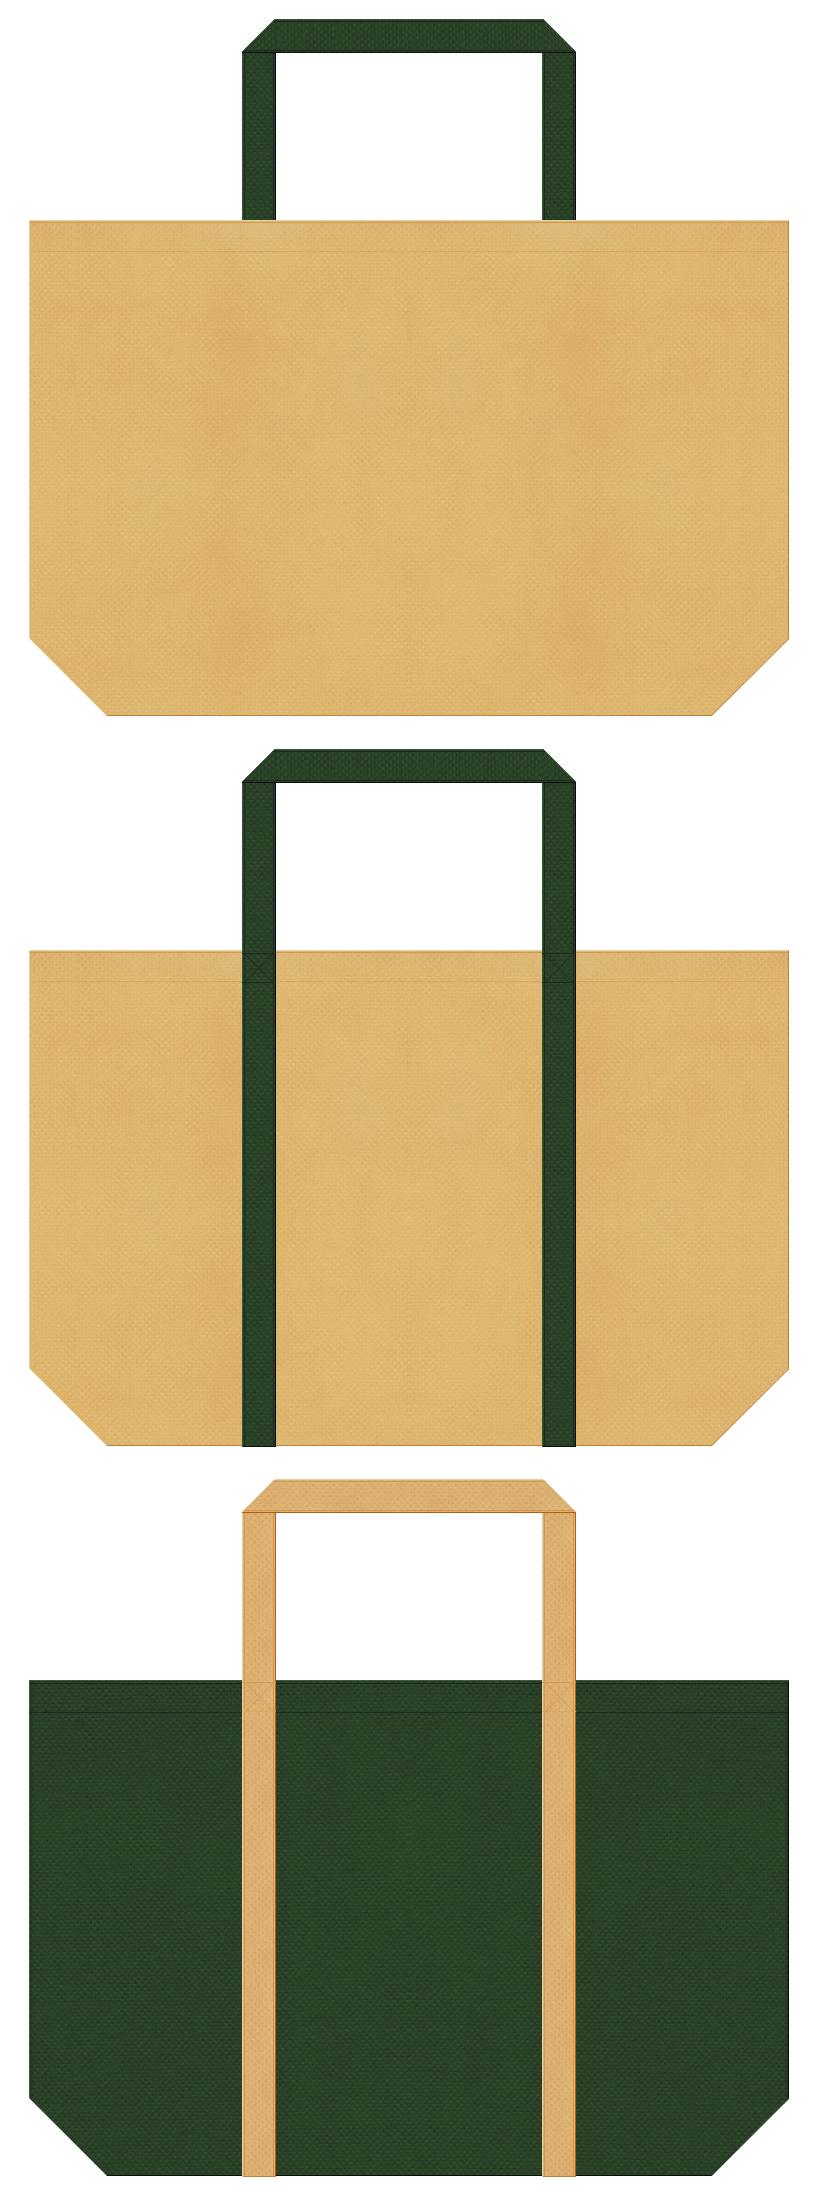 薄黄土色と濃緑色の不織布バッグデザイン。キャンプ・アウトドア用品・園芸用品のショッピングバッグにお奨めです。